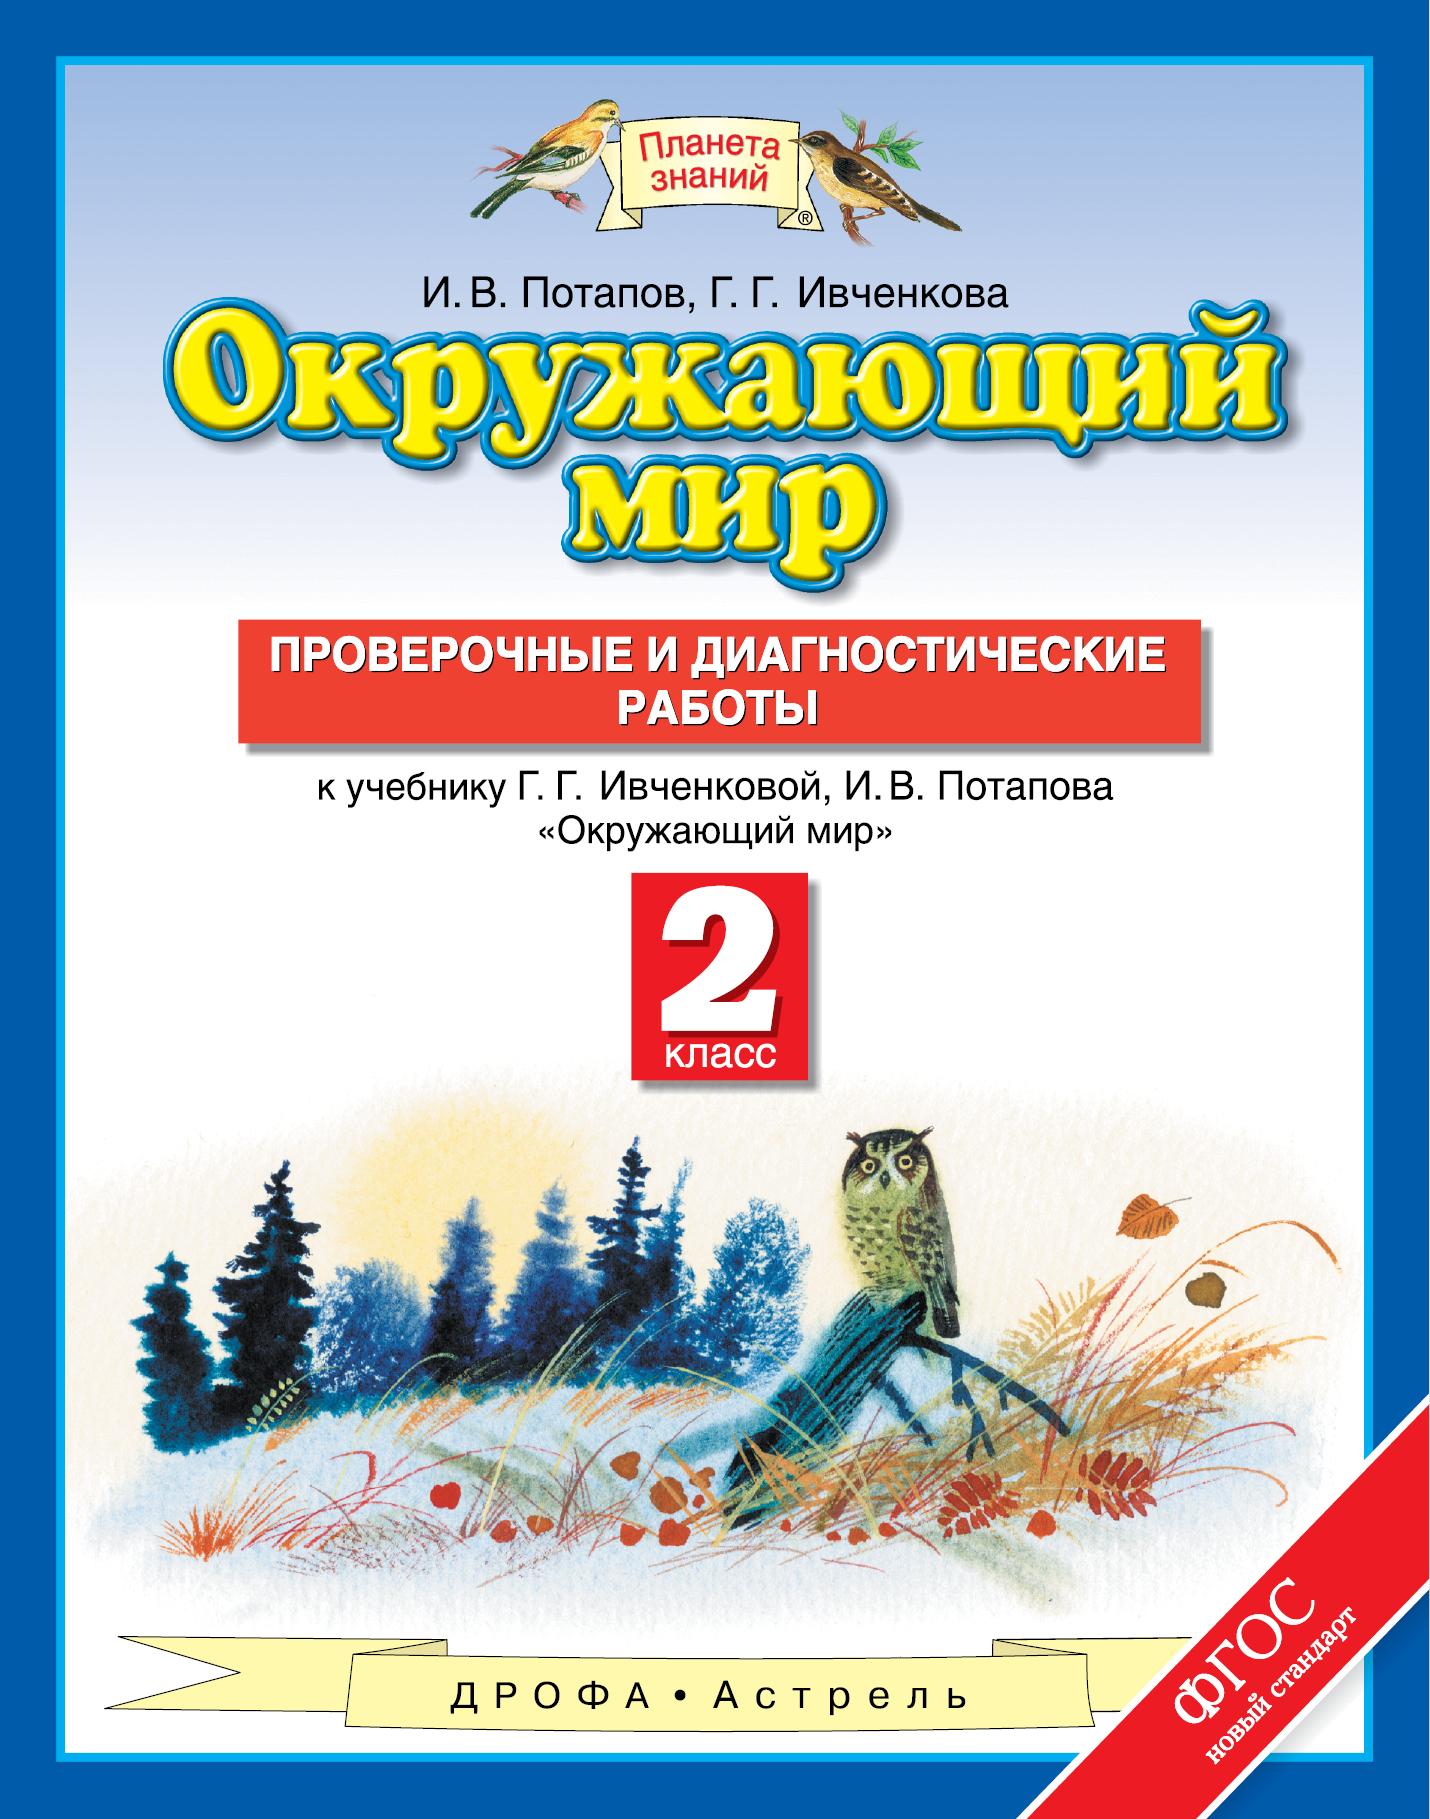 Ивченкова Г.Г., Потапов И.В. Окружающий мир. 2 класс. Проверочные и диагностические работы